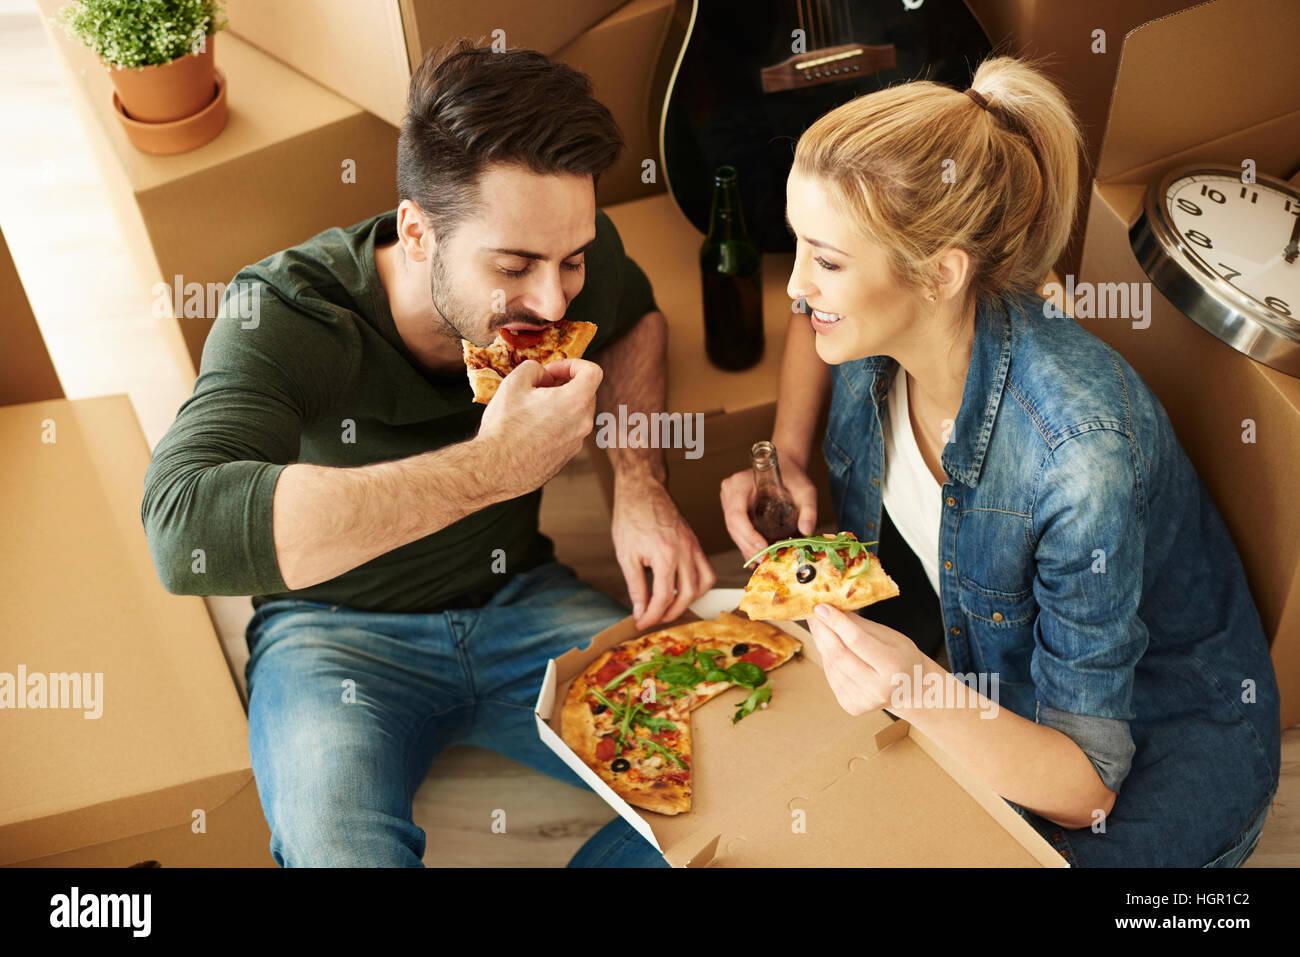 Giovane casa in movimento di mangiare la pizza Immagini Stock